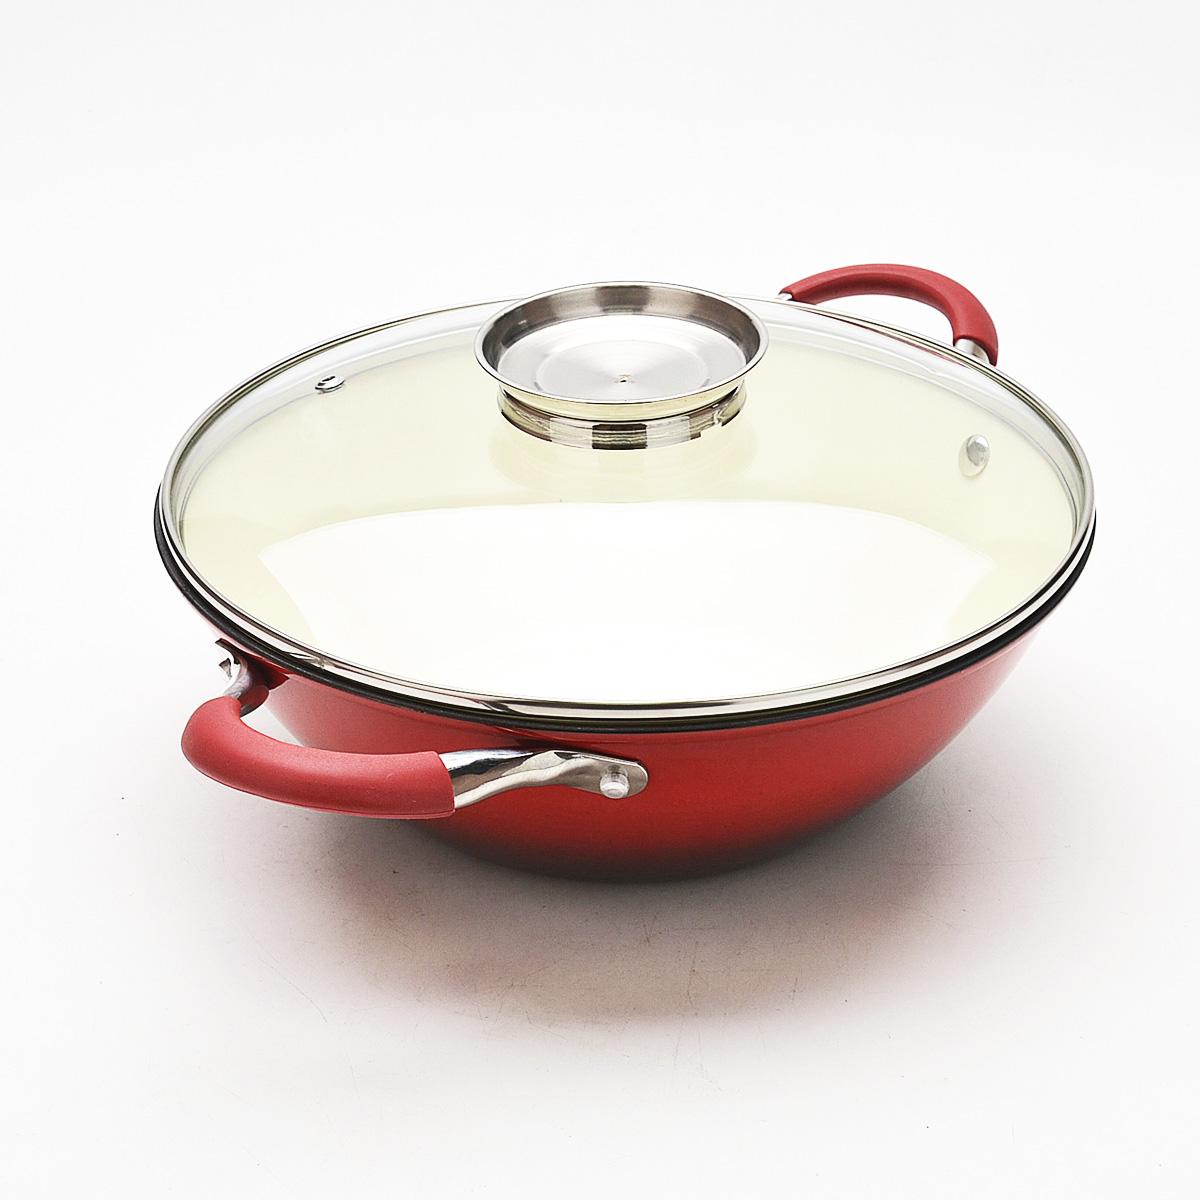 Казан Mayer & Boch с крышкой, с эмалевым покрытием, цвет: красный, 3,6 л22175Казан Mayer & Boch, изготовленный из чугуна, идеально подходит для приготовления вкусных тушеных блюд. Он имеет внешнее и внутреннее эмалевое покрытие. Чугун является традиционным высокопрочным, экологически чистым материалом. Его главной особенностью является то, что эмаль наносится с внешней стороны изделия, а внутри - керамическое покрытие. Причем, чем дольше и чаще вы пользуетесь этой посудой, тем лучше становятся ее свойства. Высокая теплоемкость чугуна позволяет ему сильно нагреваться и медленно остывать, а это в свою очередь обеспечивает равномерное приготовление пищи. Чугун не вступает в какие-либо химические реакции с пищей в процессе приготовления и хранения, а плотное покрытие - безупречное препятствие для бактерий и запахов. Пища, приготовленная в чугунной посуде, благодаря экологической чистоте материала не может нанести вред здоровью человека. Казан оснащен двумя удобными ручками из нержавеющей стали с силиконовыми вставками. К казану...